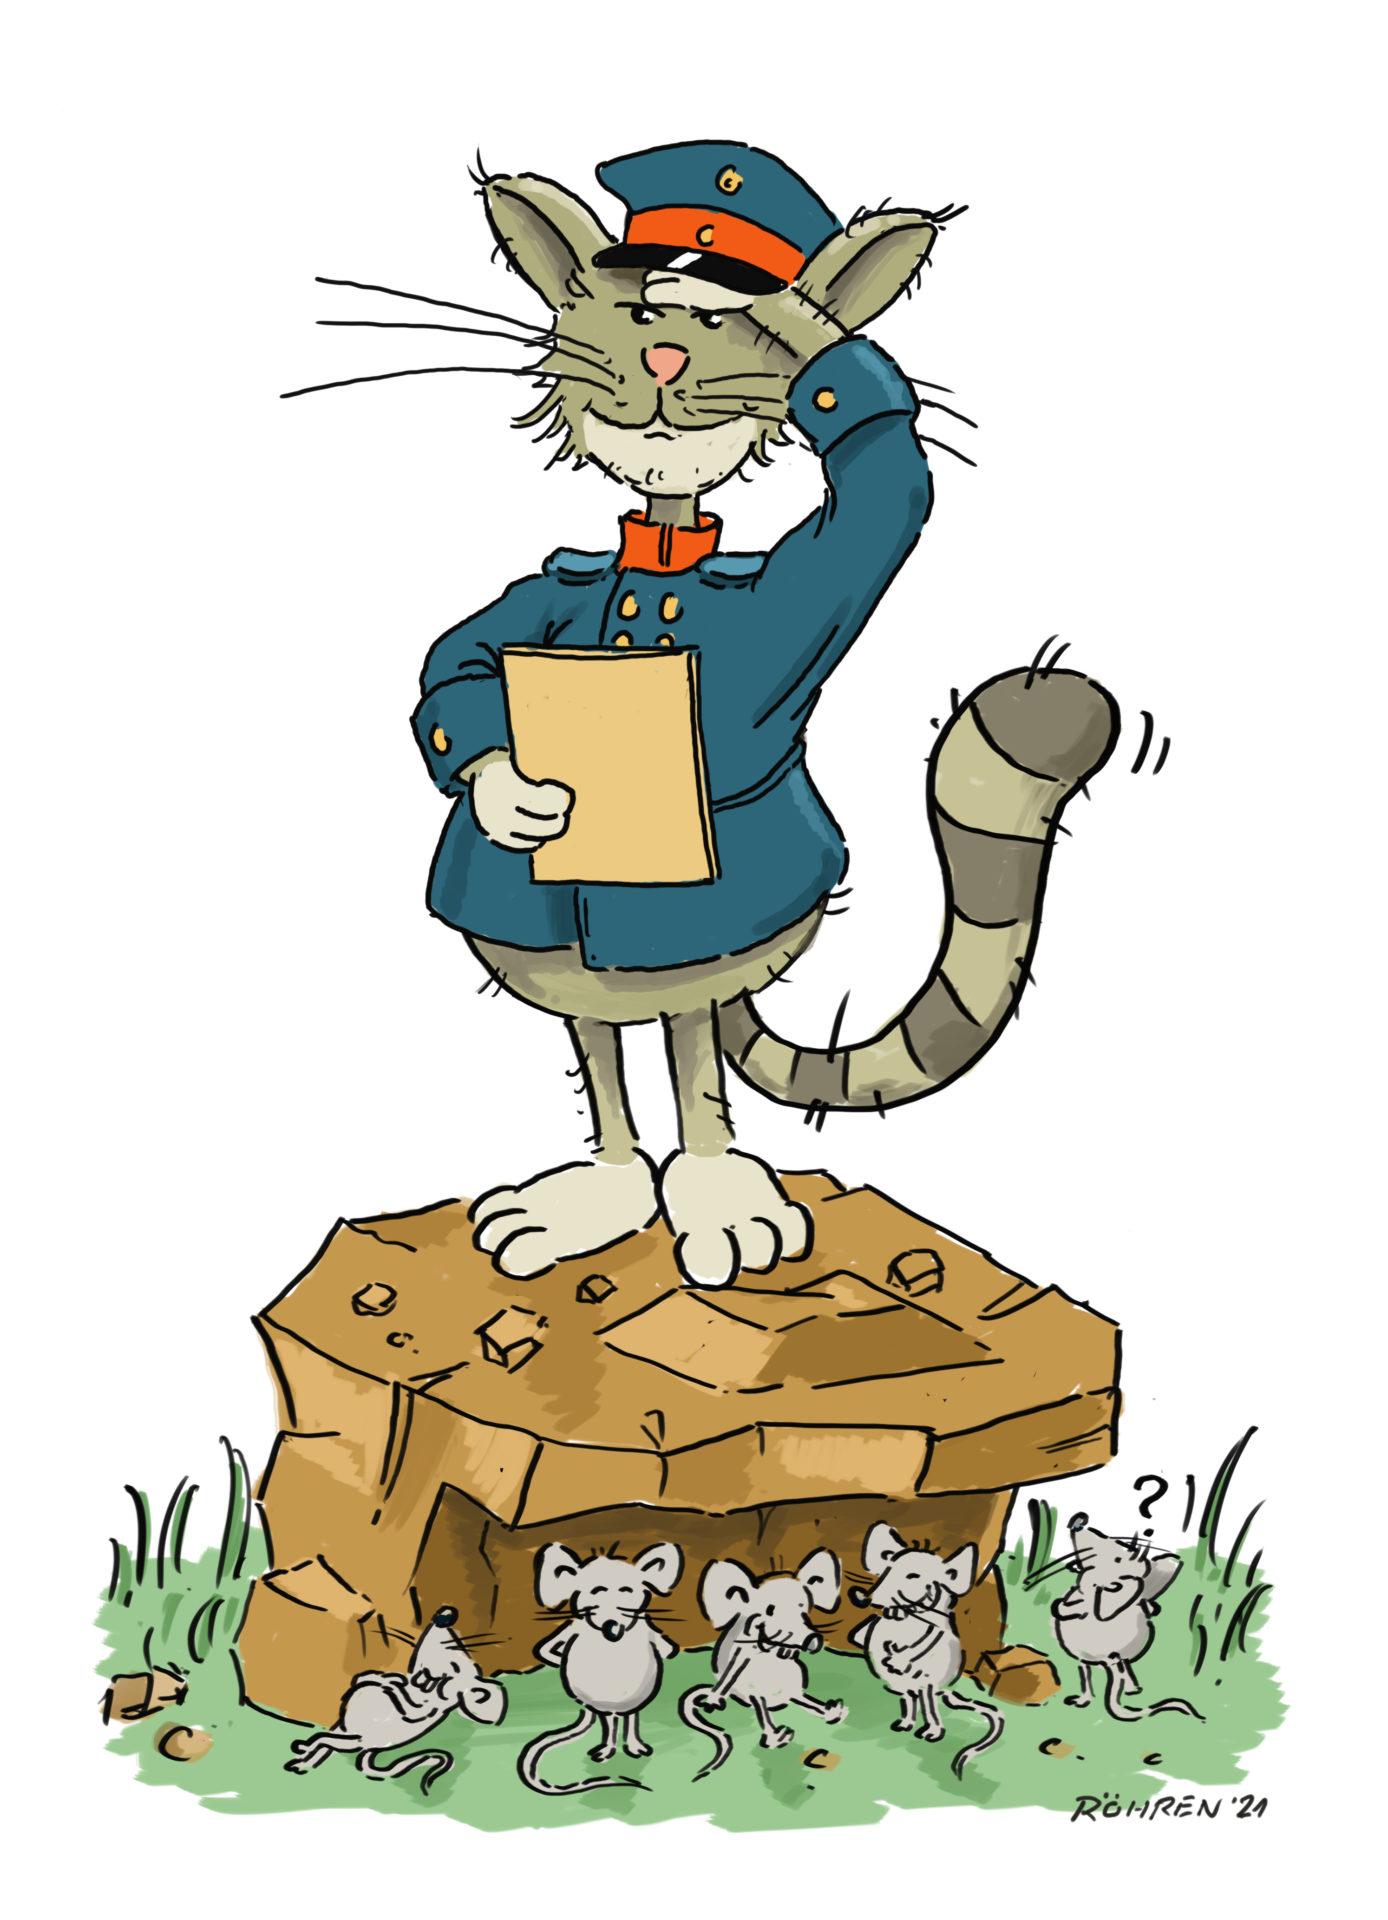 """Die gezeichnete Wildkatze """"Teutus"""" steht als Postbote verkleidet suchend auf einem Stein, unter welchem sich Mäuse amüsiert verstecken."""